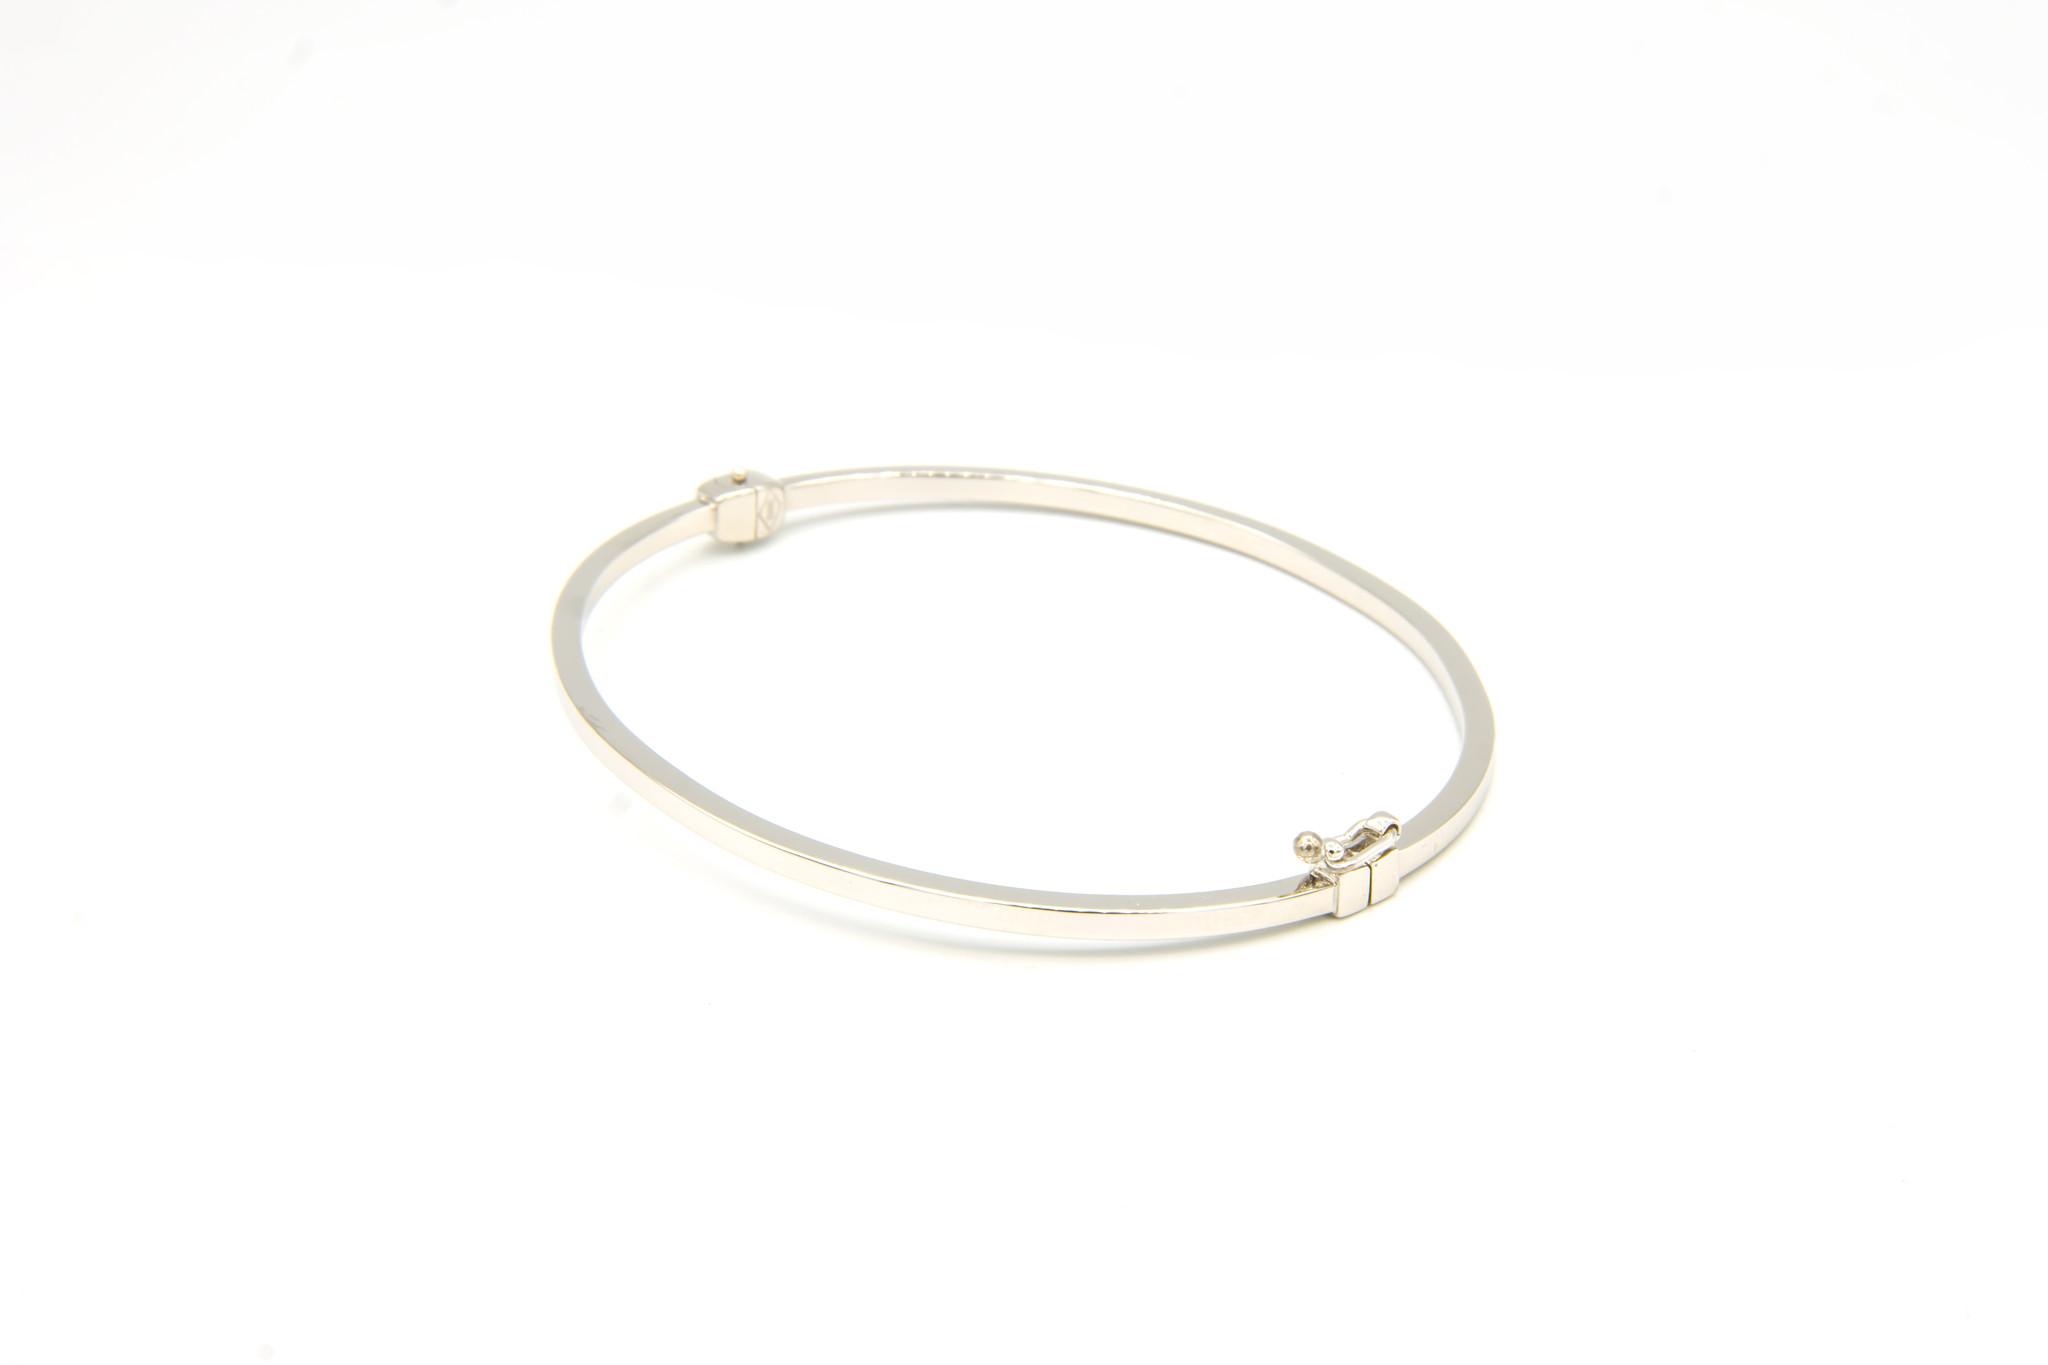 Armband slavenband glad witgoud-3